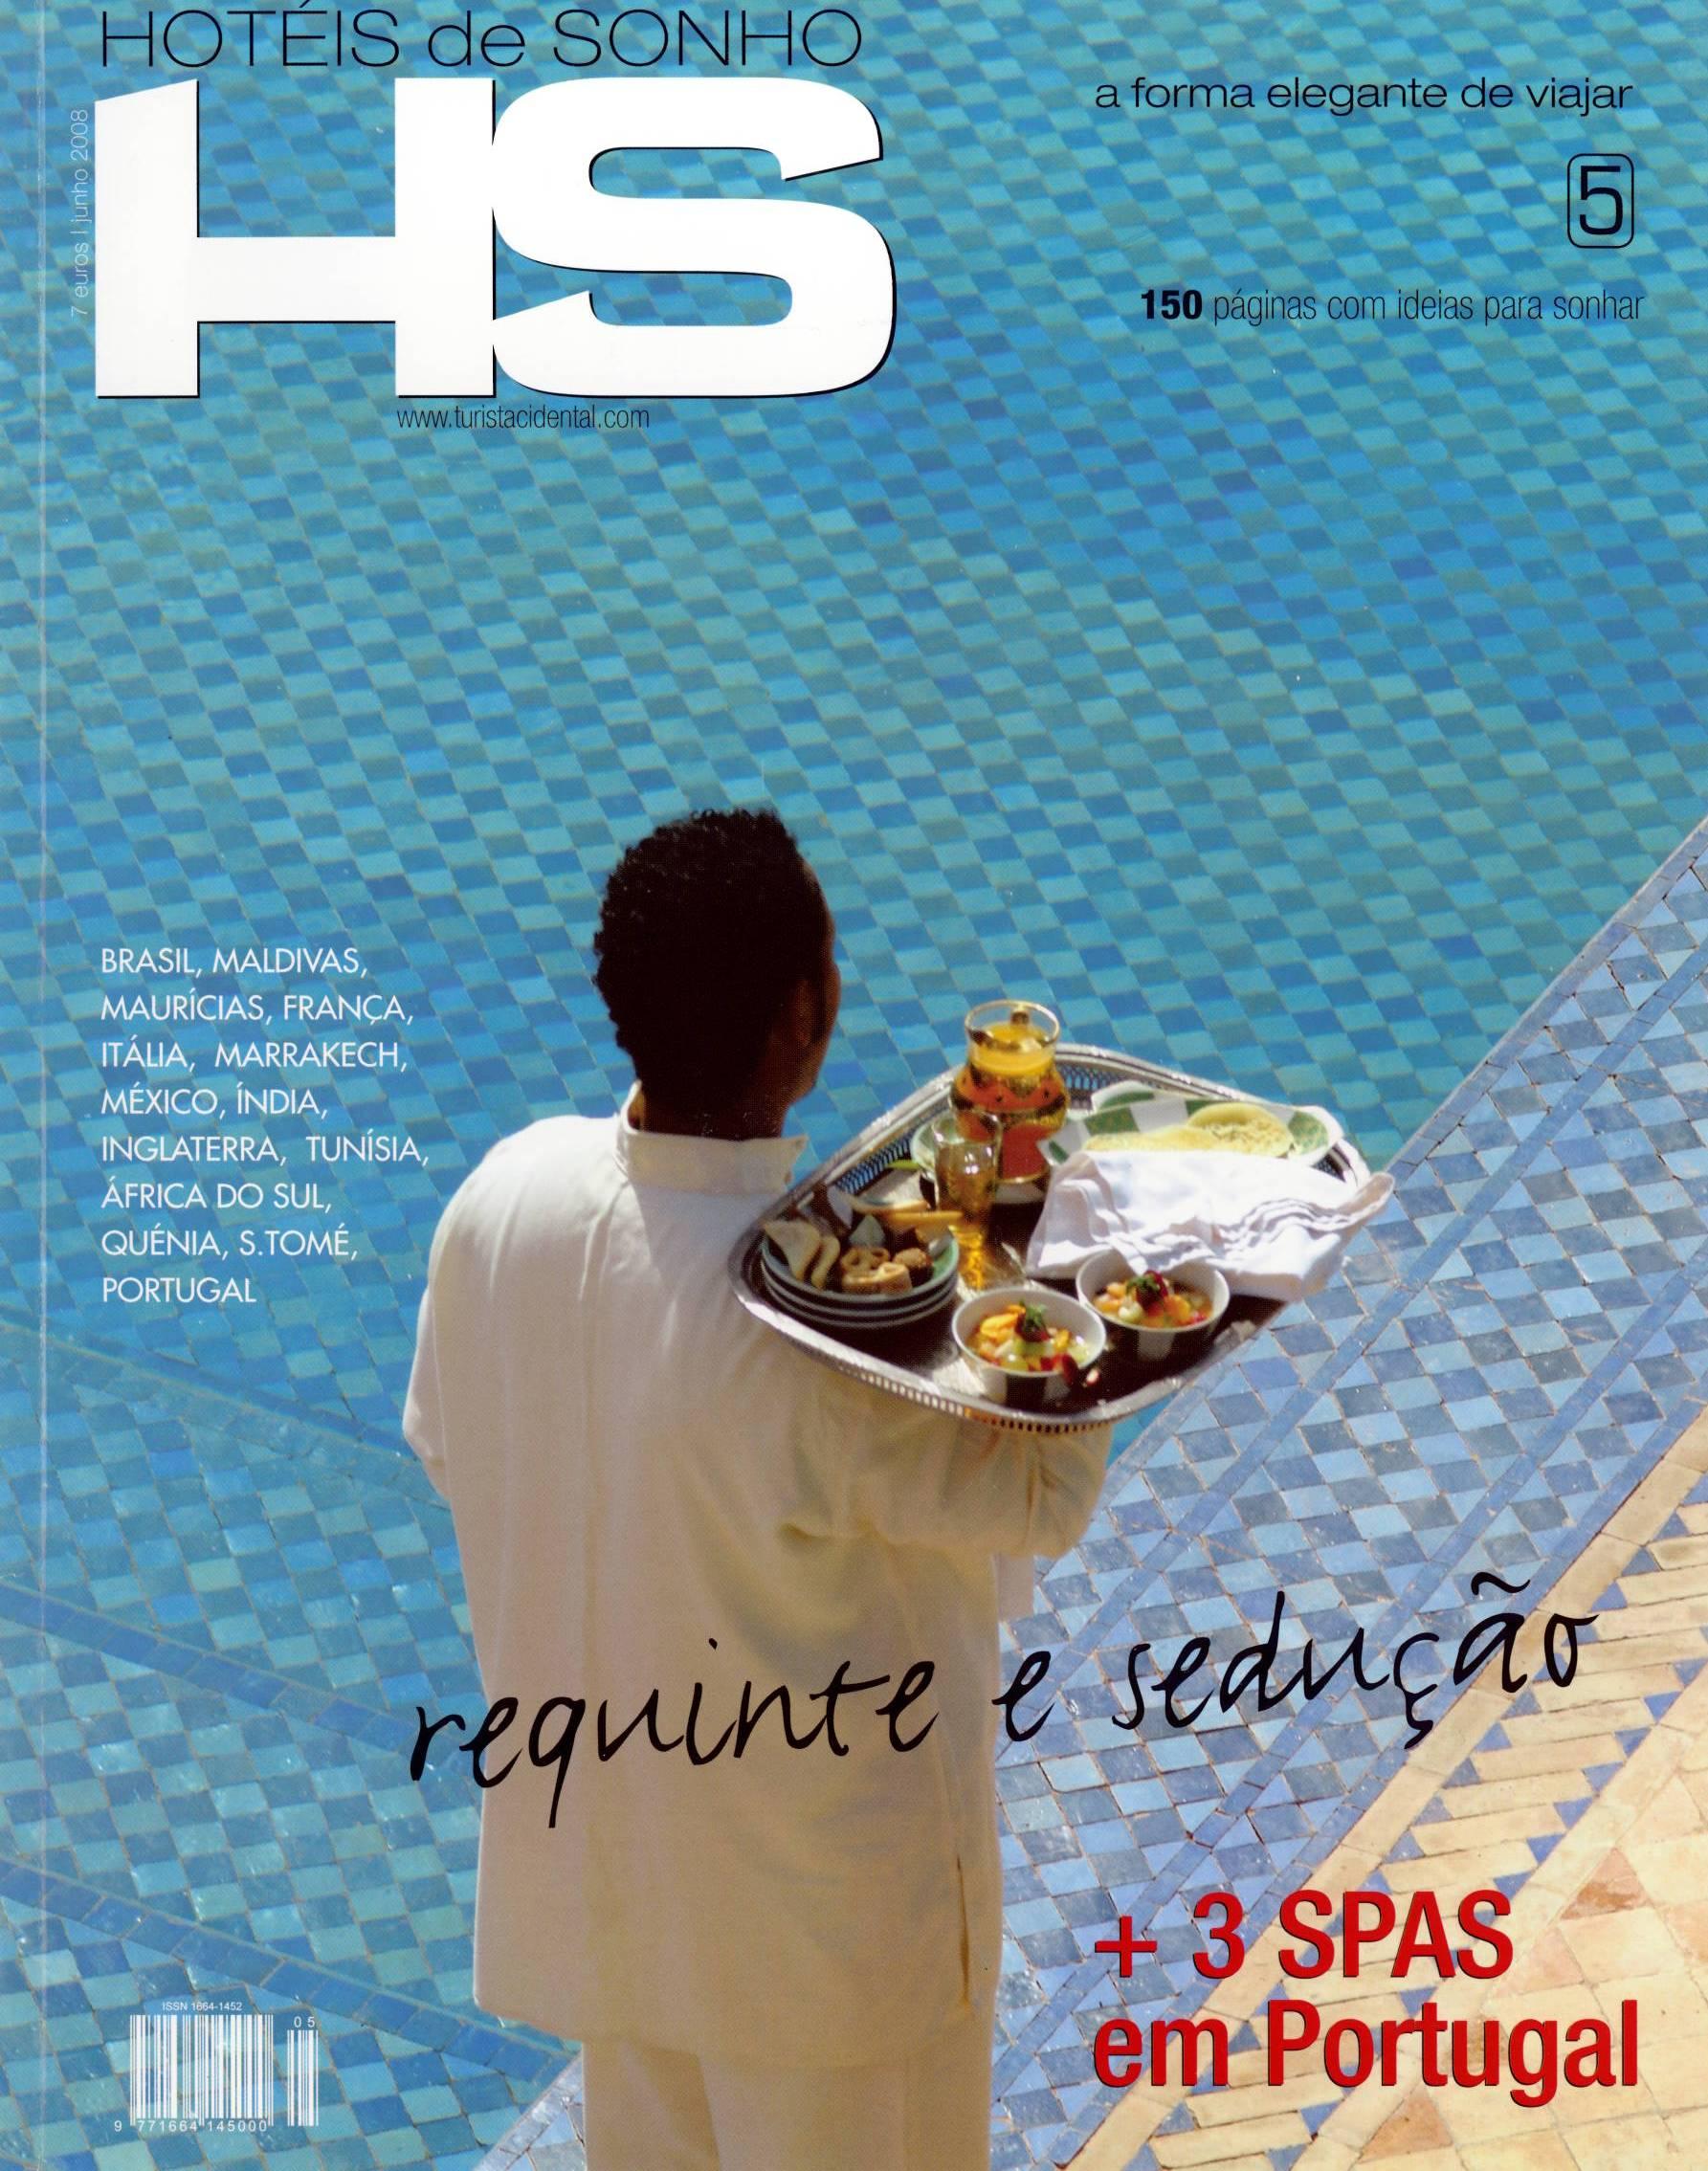 30 - HOTEIS DE SONHO N5 JUN 2008.jpg